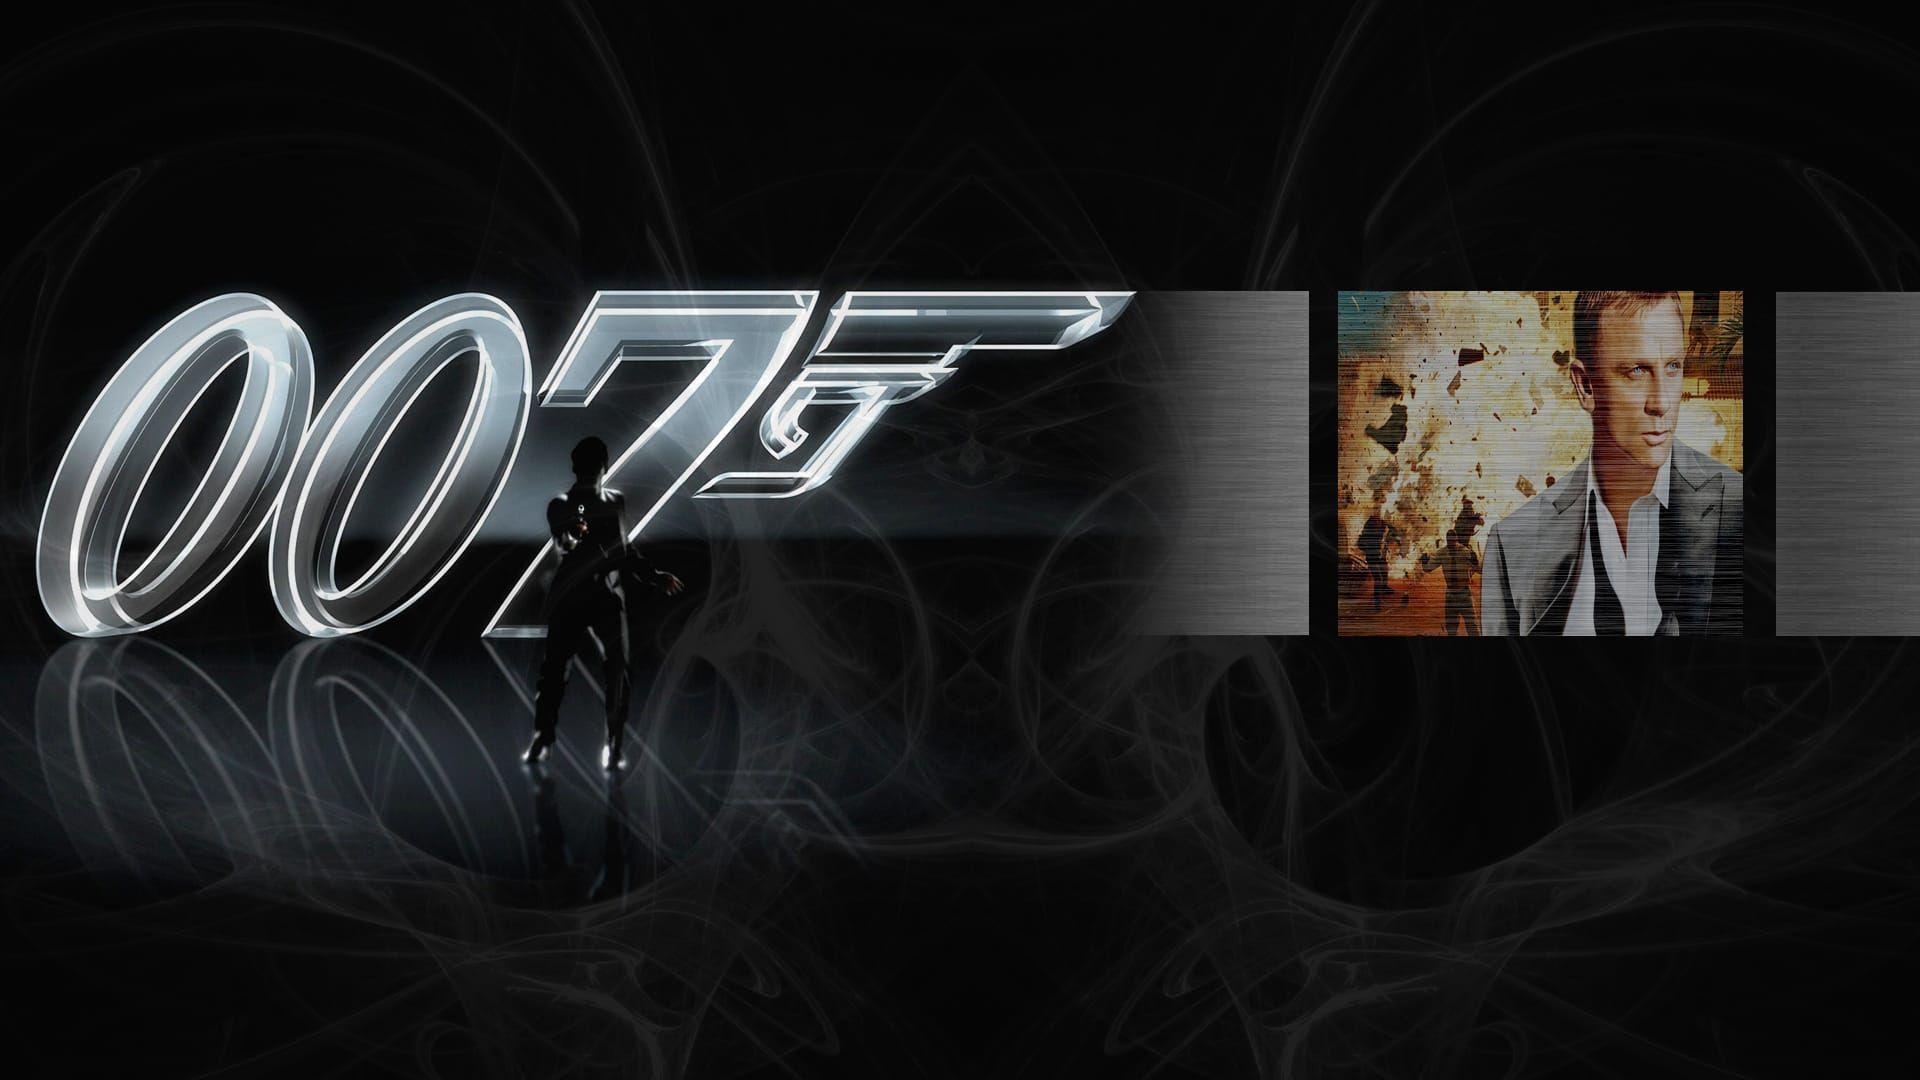 007 Casino Royale 2006 Online Teljes Film Filmek Magyarul Letoltes Hd Elso Kuldetesere Indul James B Free Movies Online Full Movies Online Free Movies Online